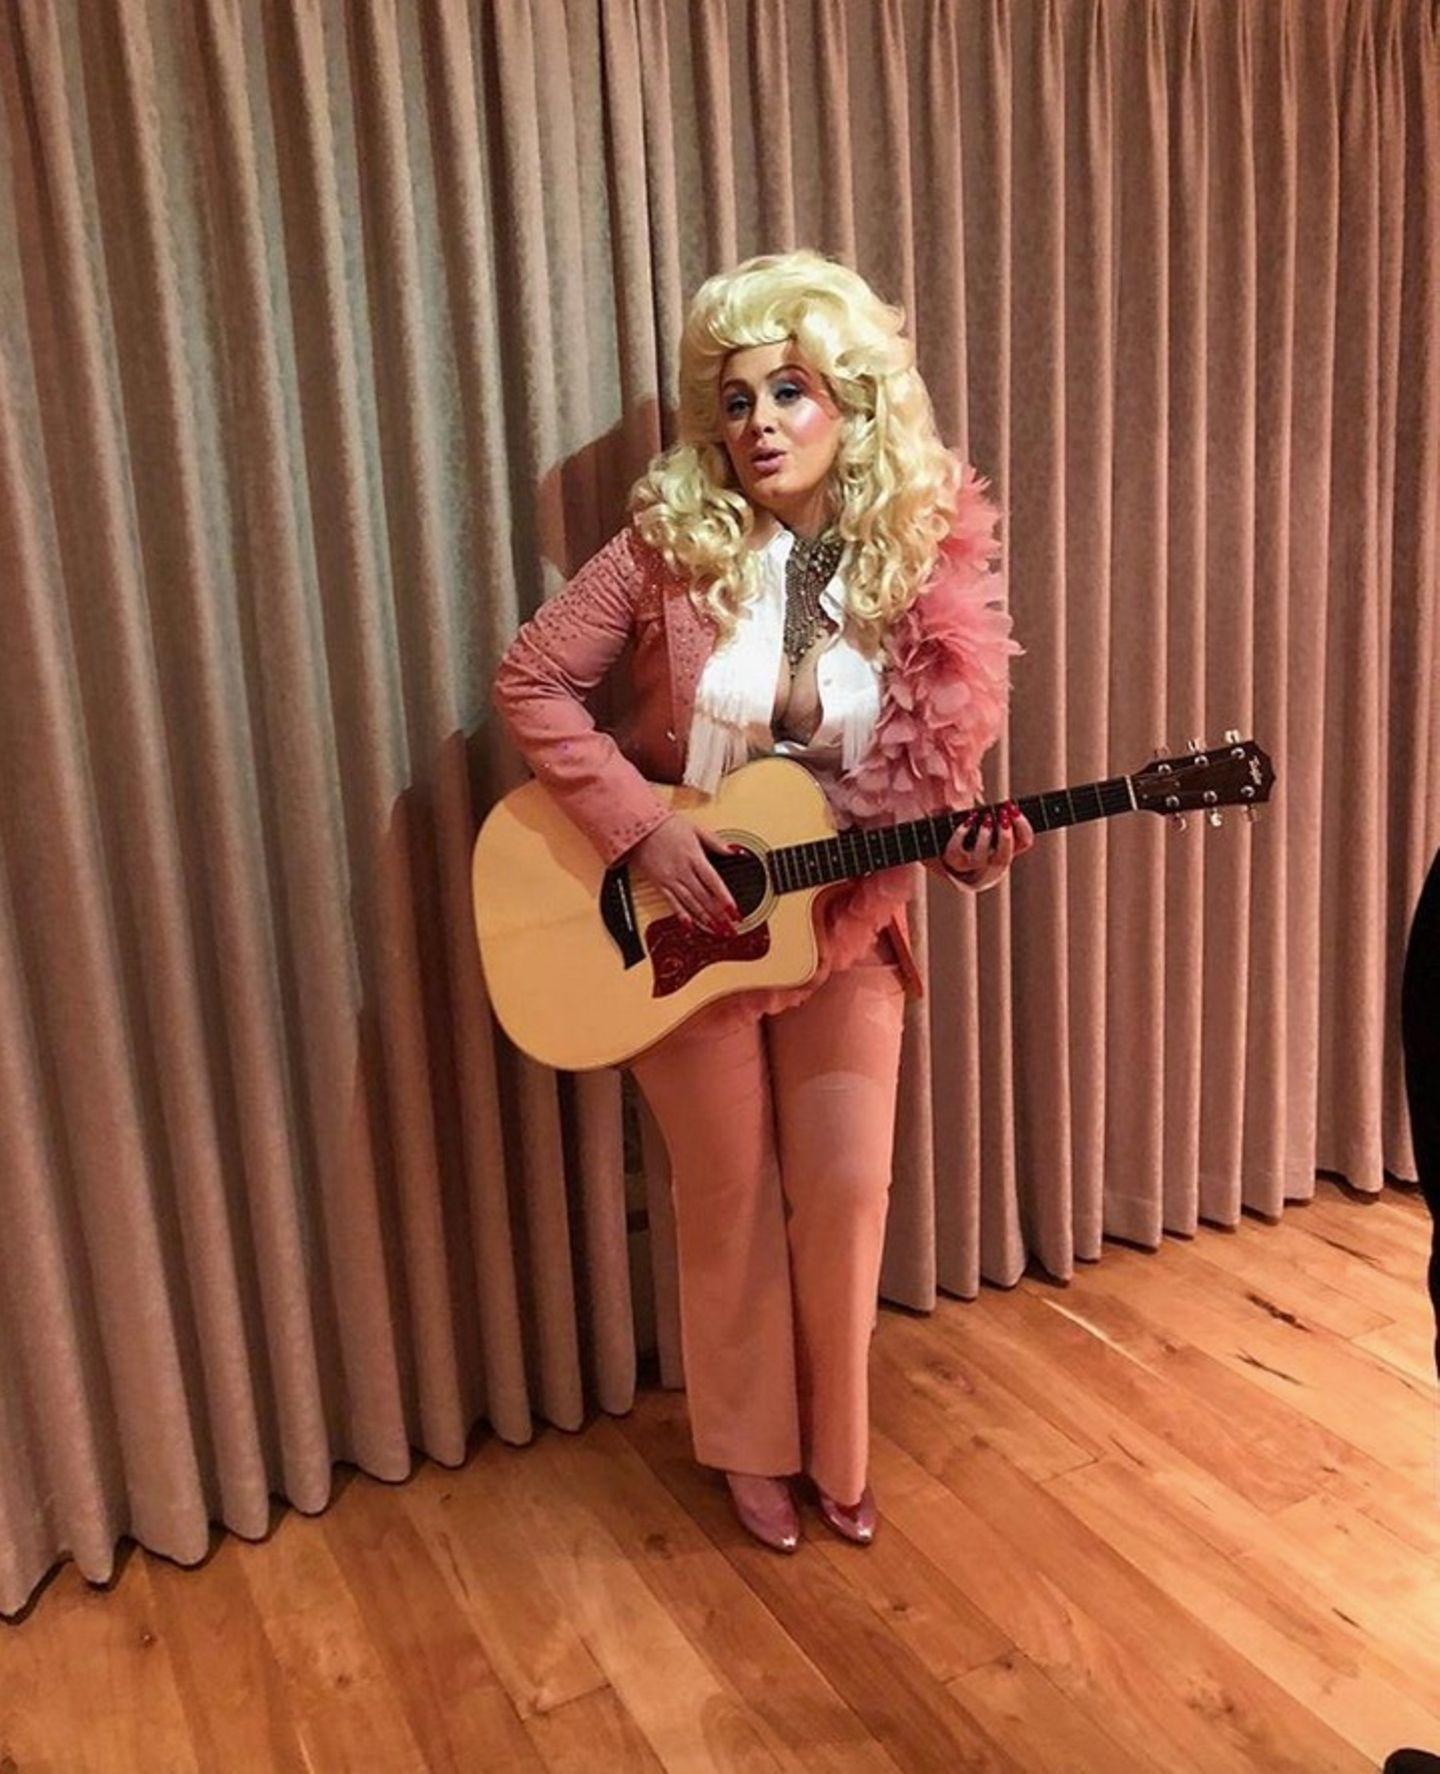 Erkennen Sie dieses Dolly-Parton-Double? In der Verkleidung steckt Sängerin Adele, die die Sängerin interpretiert.